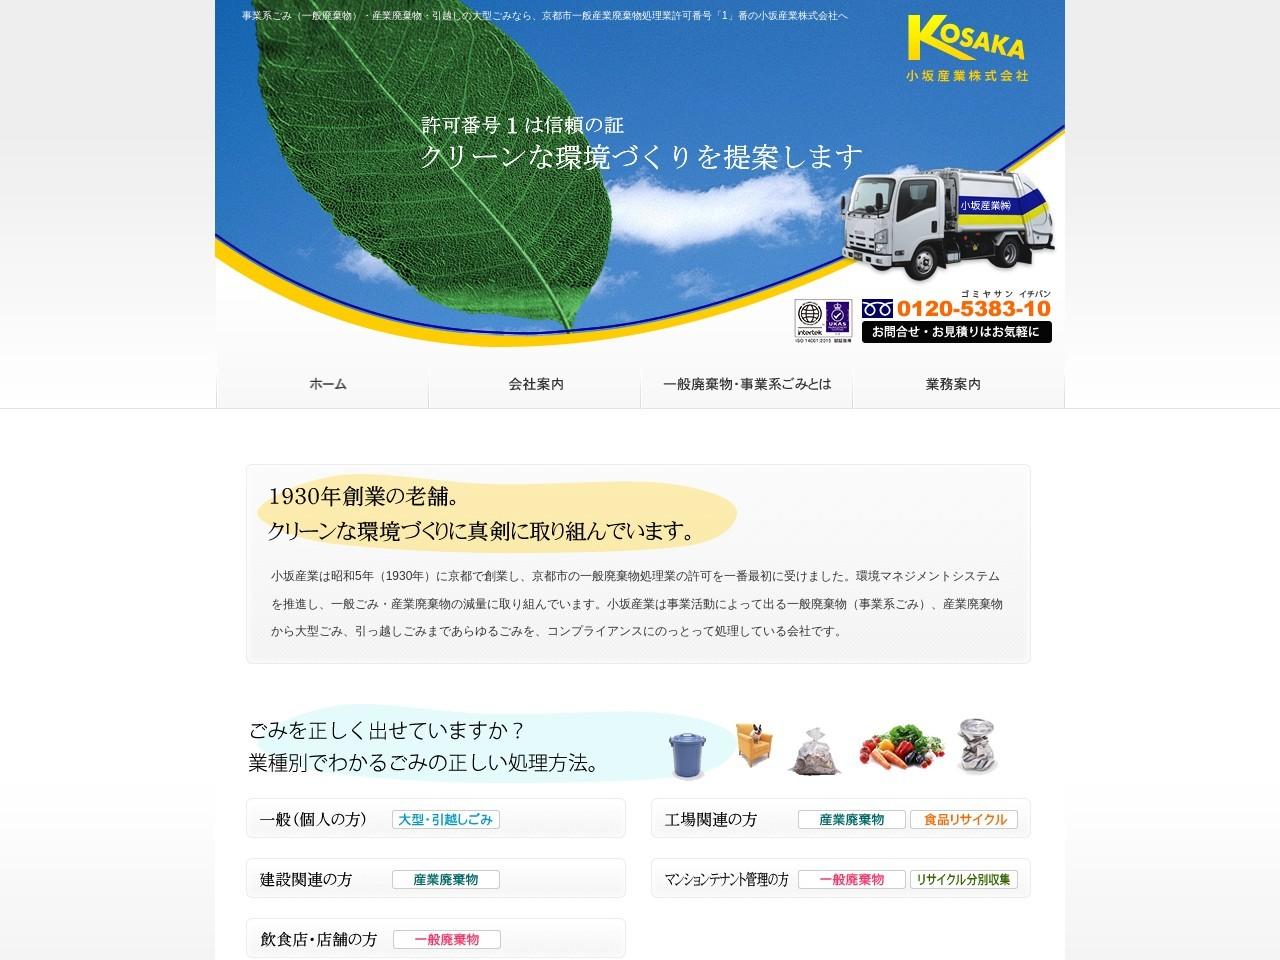 小坂産業株式会社